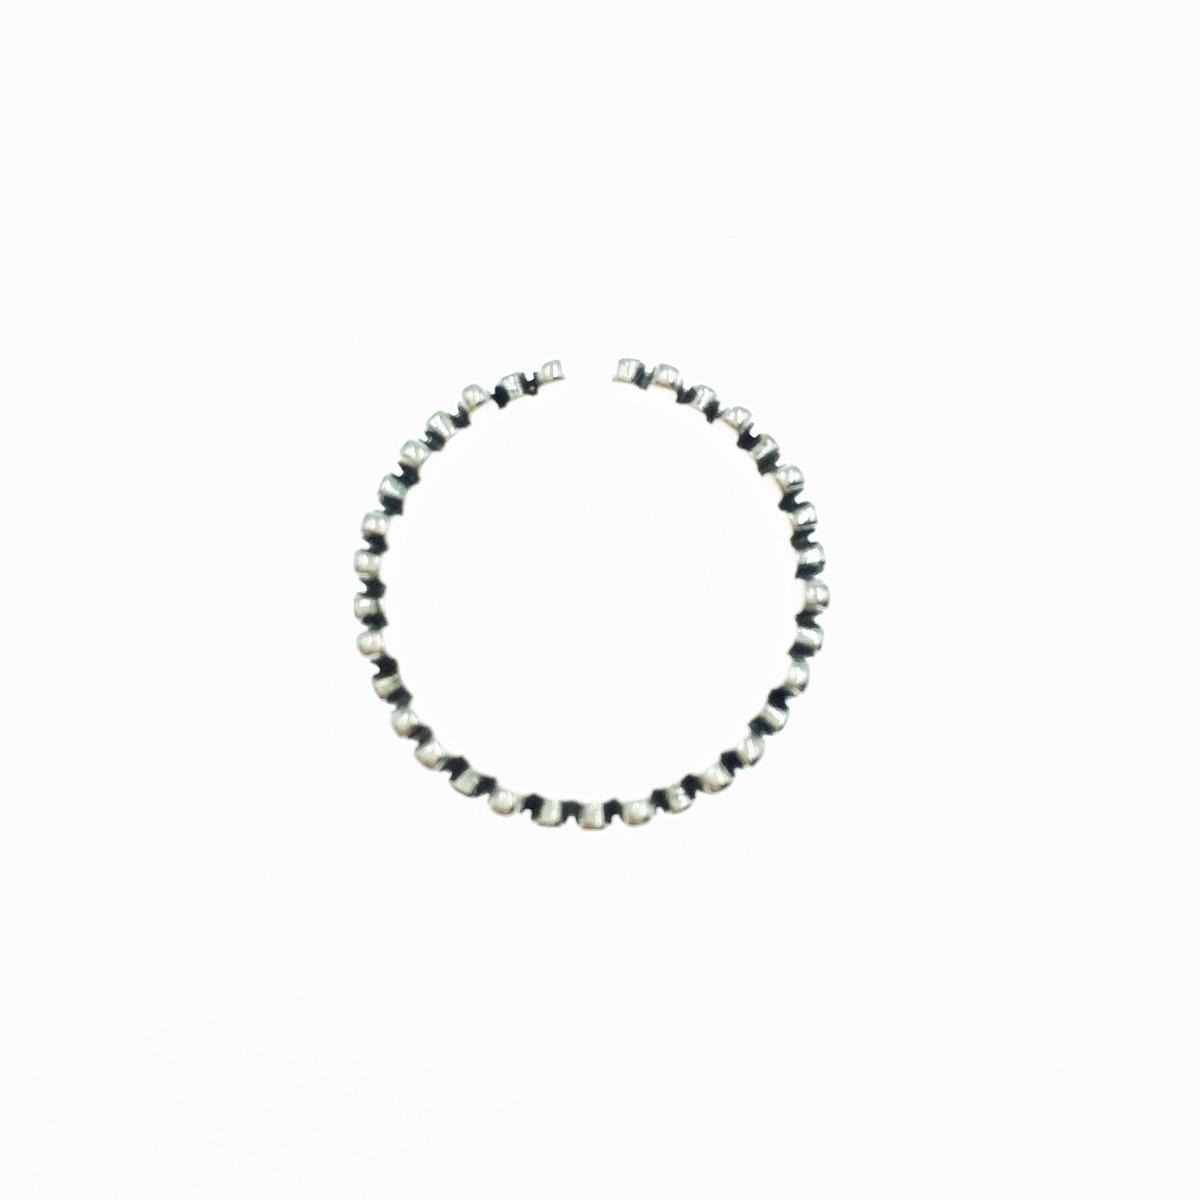 韓國 925純銀 金屬條 簡約款 可調式 戒指